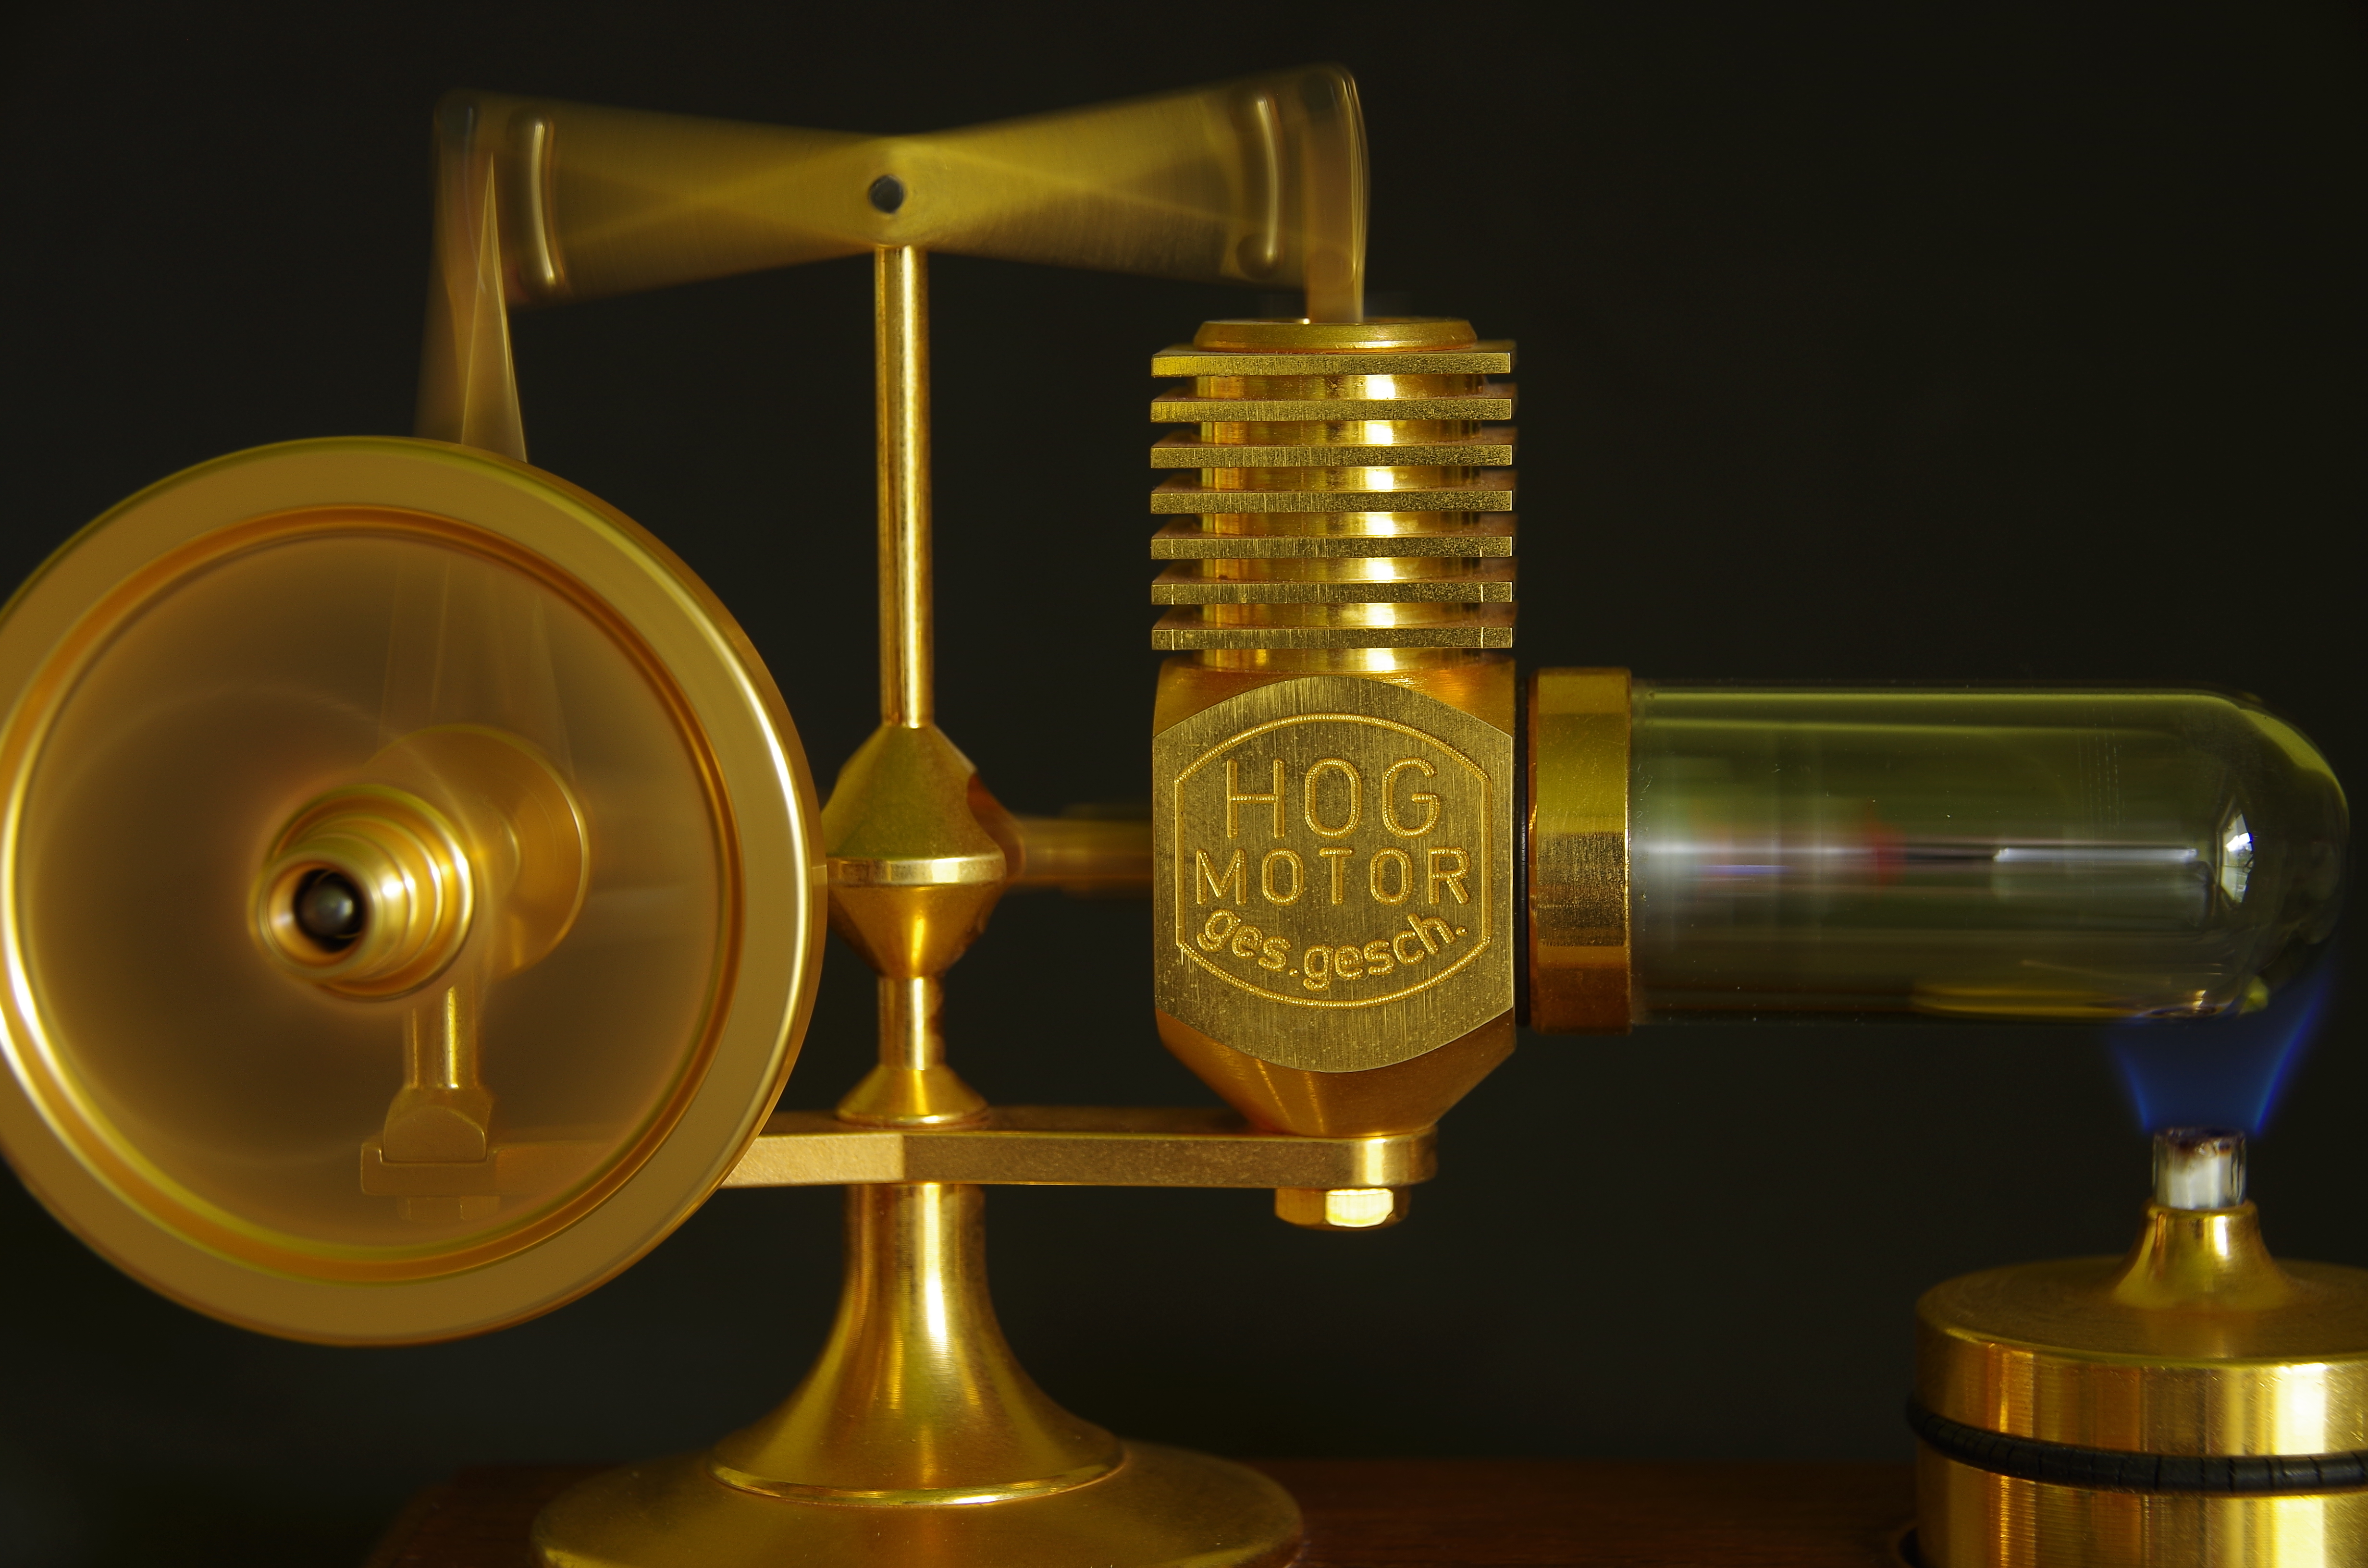 Stirling engine